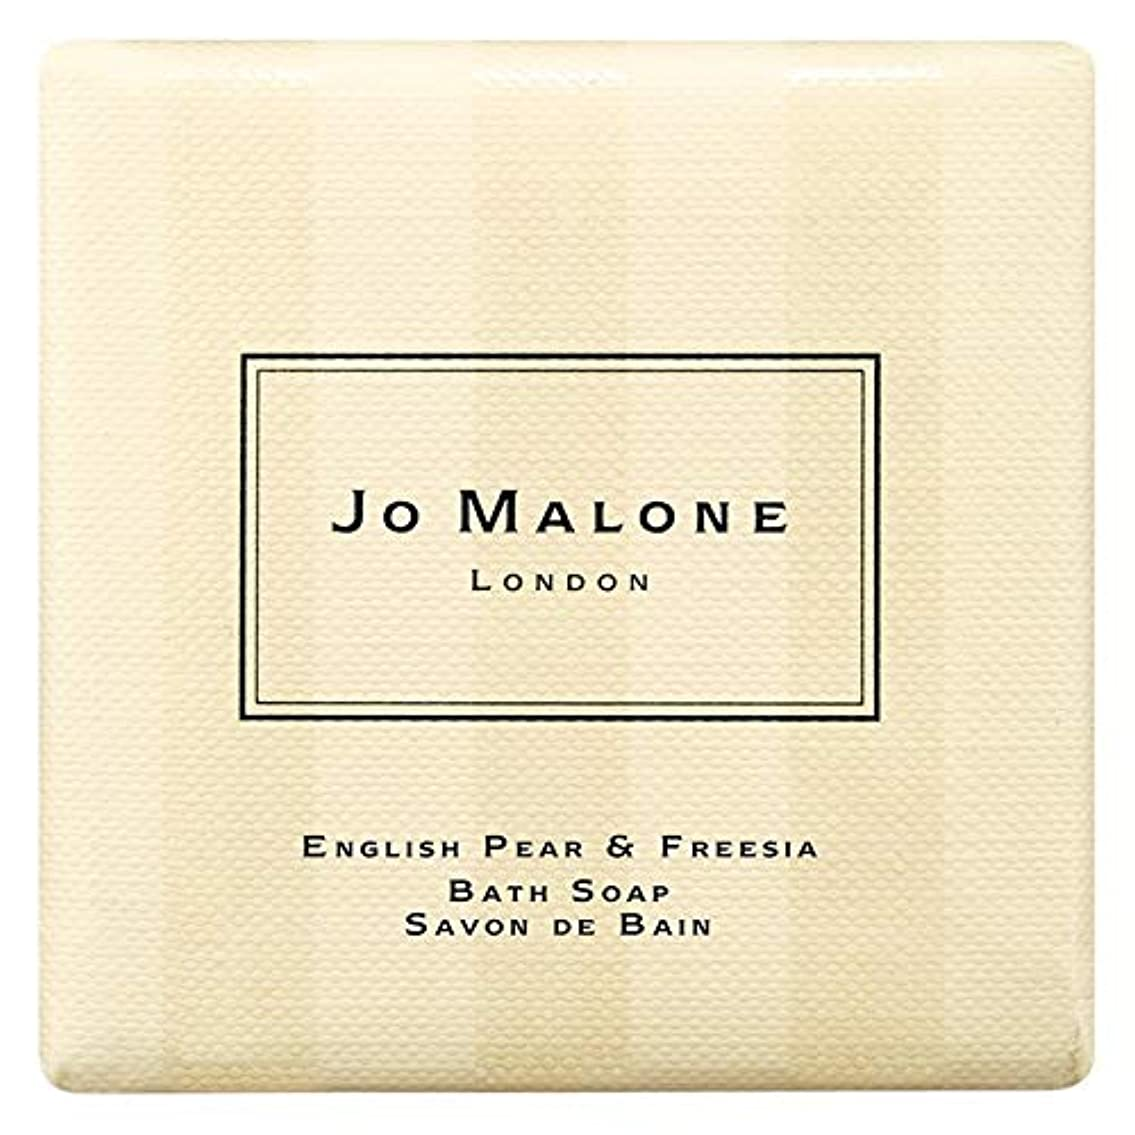 ジェーンオースティン硬さ[Jo Malone] ジョーマローンロンドン英語梨&フリージア入浴石鹸100グラム - Jo Malone London English Pear & Freesia Bath Soap 100g [並行輸入品]